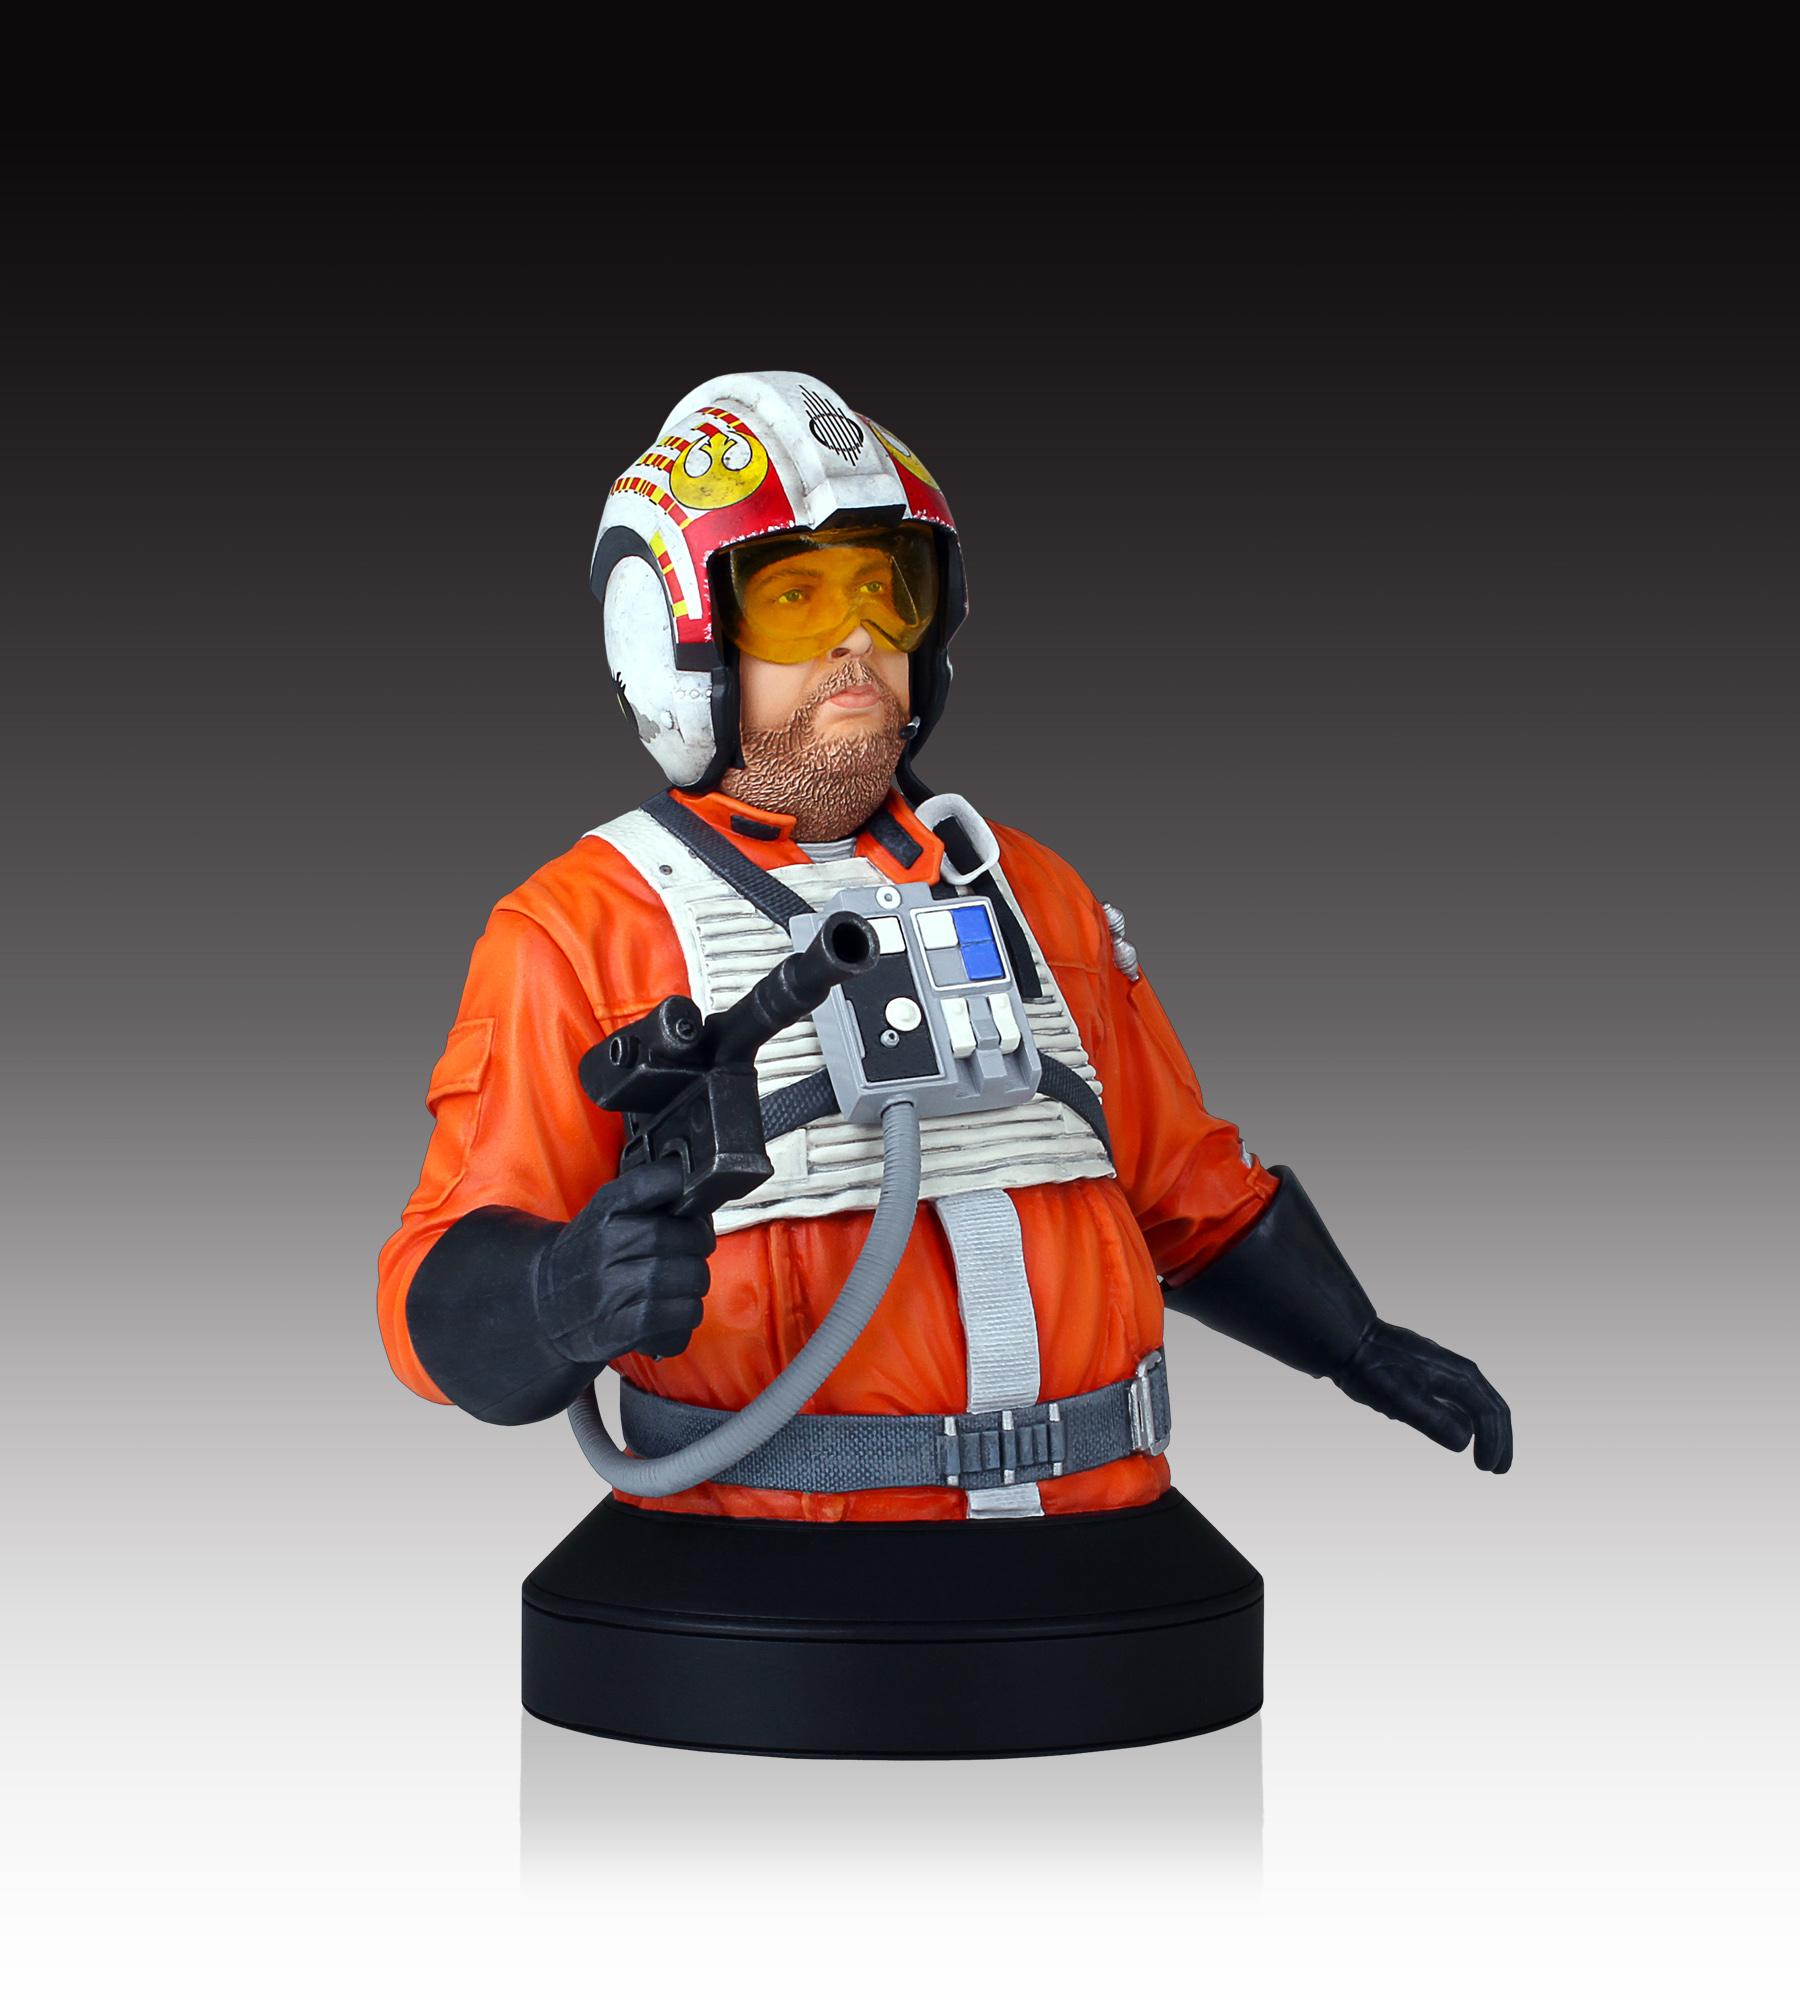 [Gentle Giant] SDCC Exclusive Star Wars Jek Porkins Mini Bust SDCC-Exclusive-Star-Wars-Jek-Porkins-Mini-Bust-005